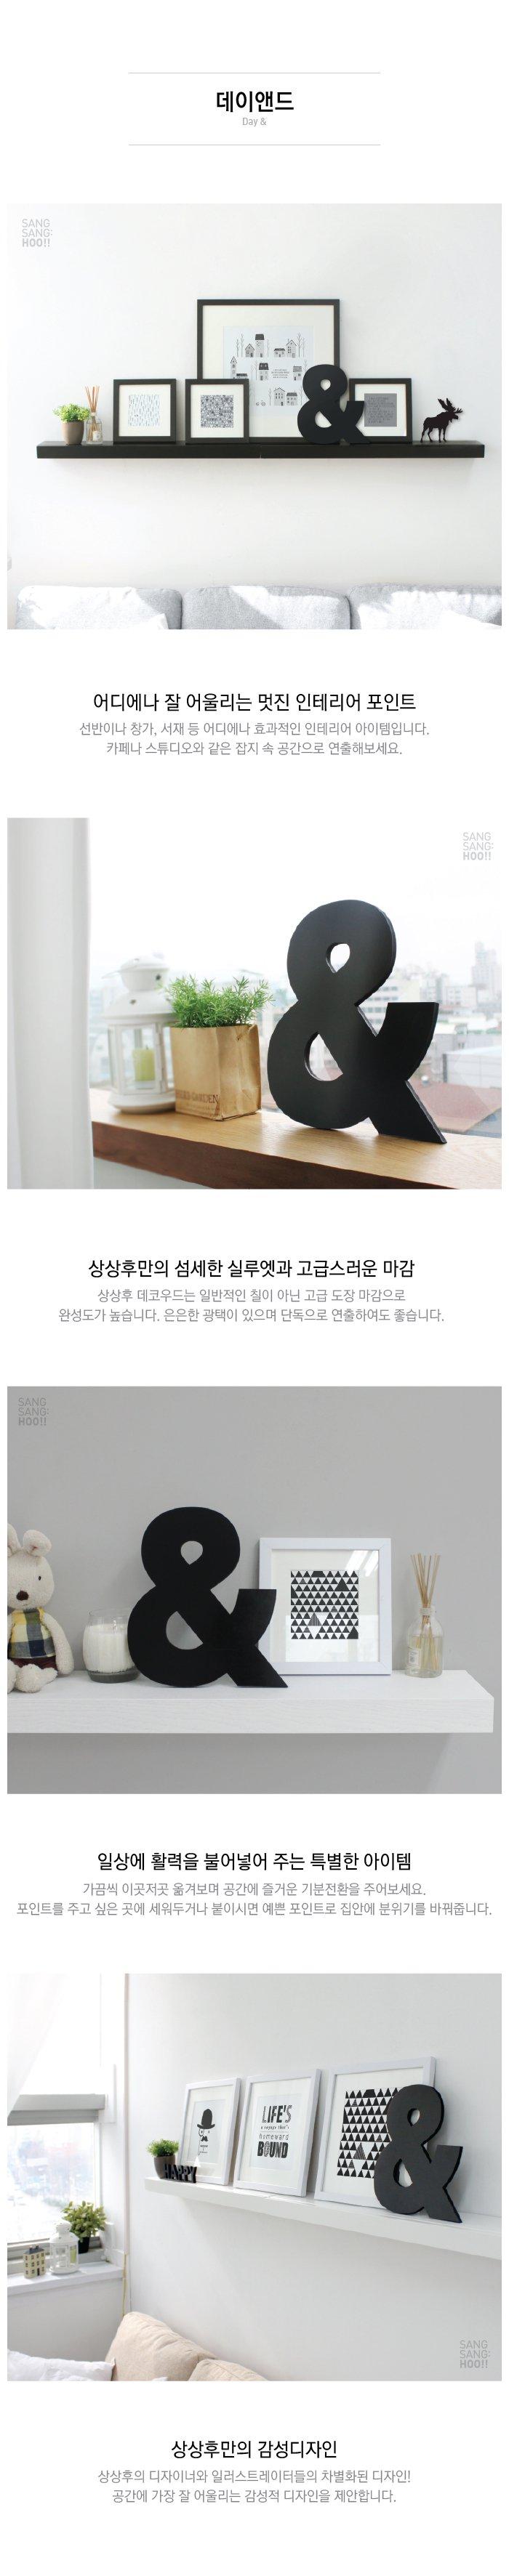 KBS 프로듀사 협찬 라준모(차태현)/탁예진(공효진) 거실데코우드